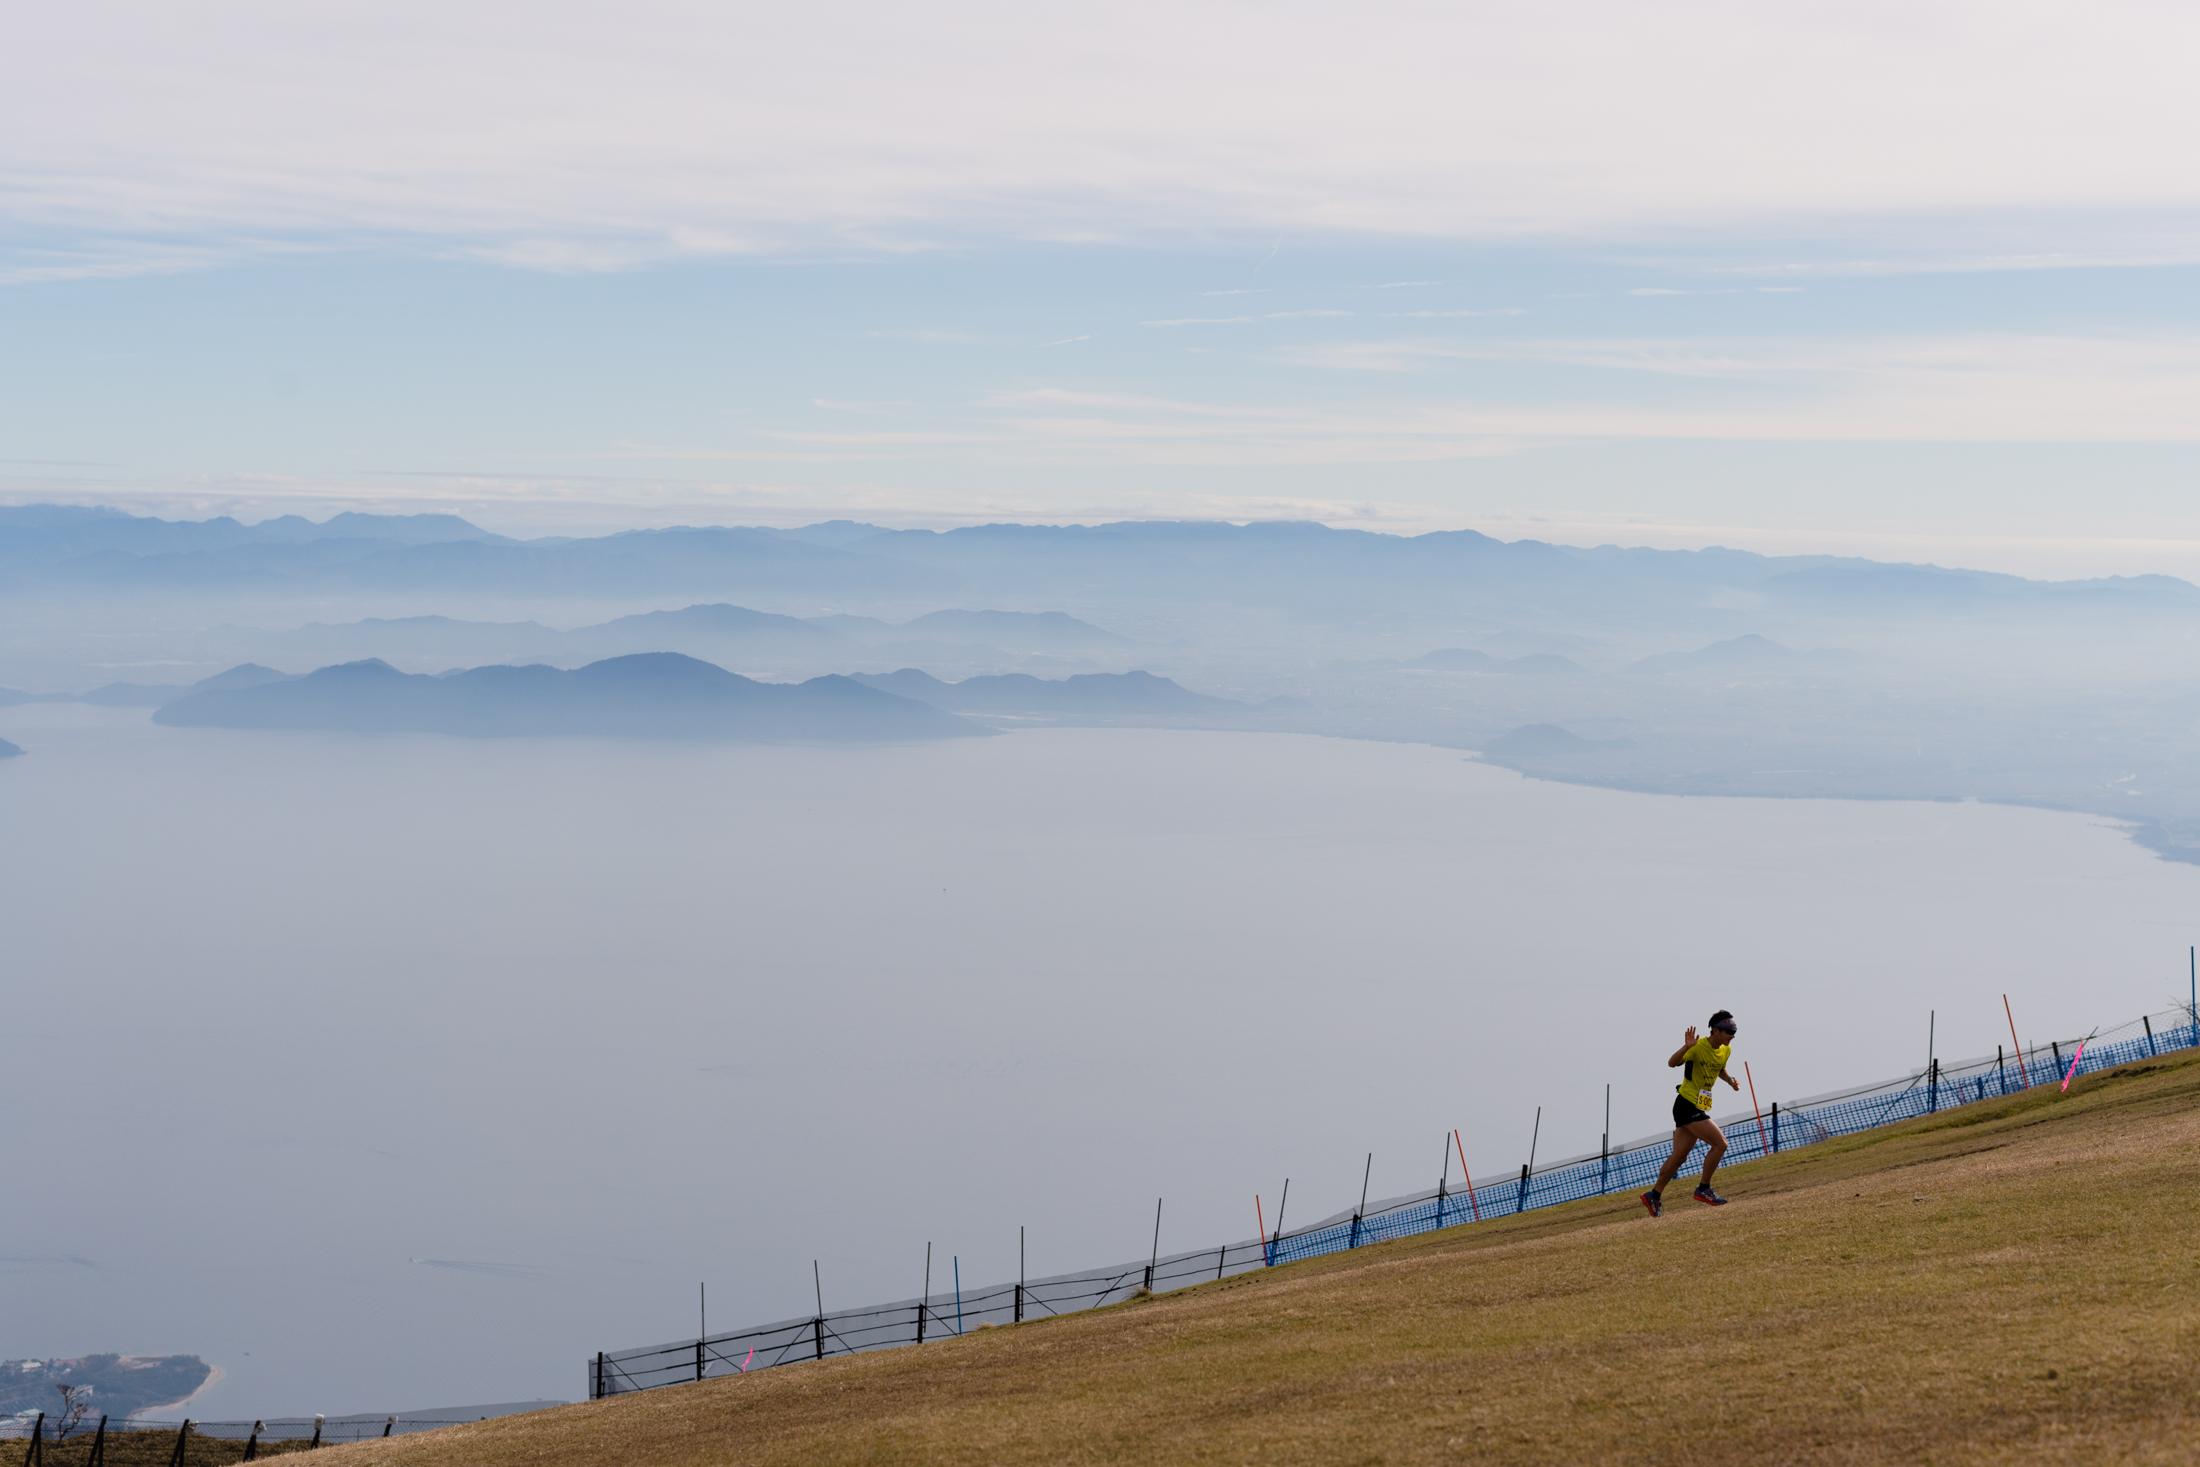 日本一のびわ湖を眼下に望む美観レース ©びわ湖バレイスカイラン